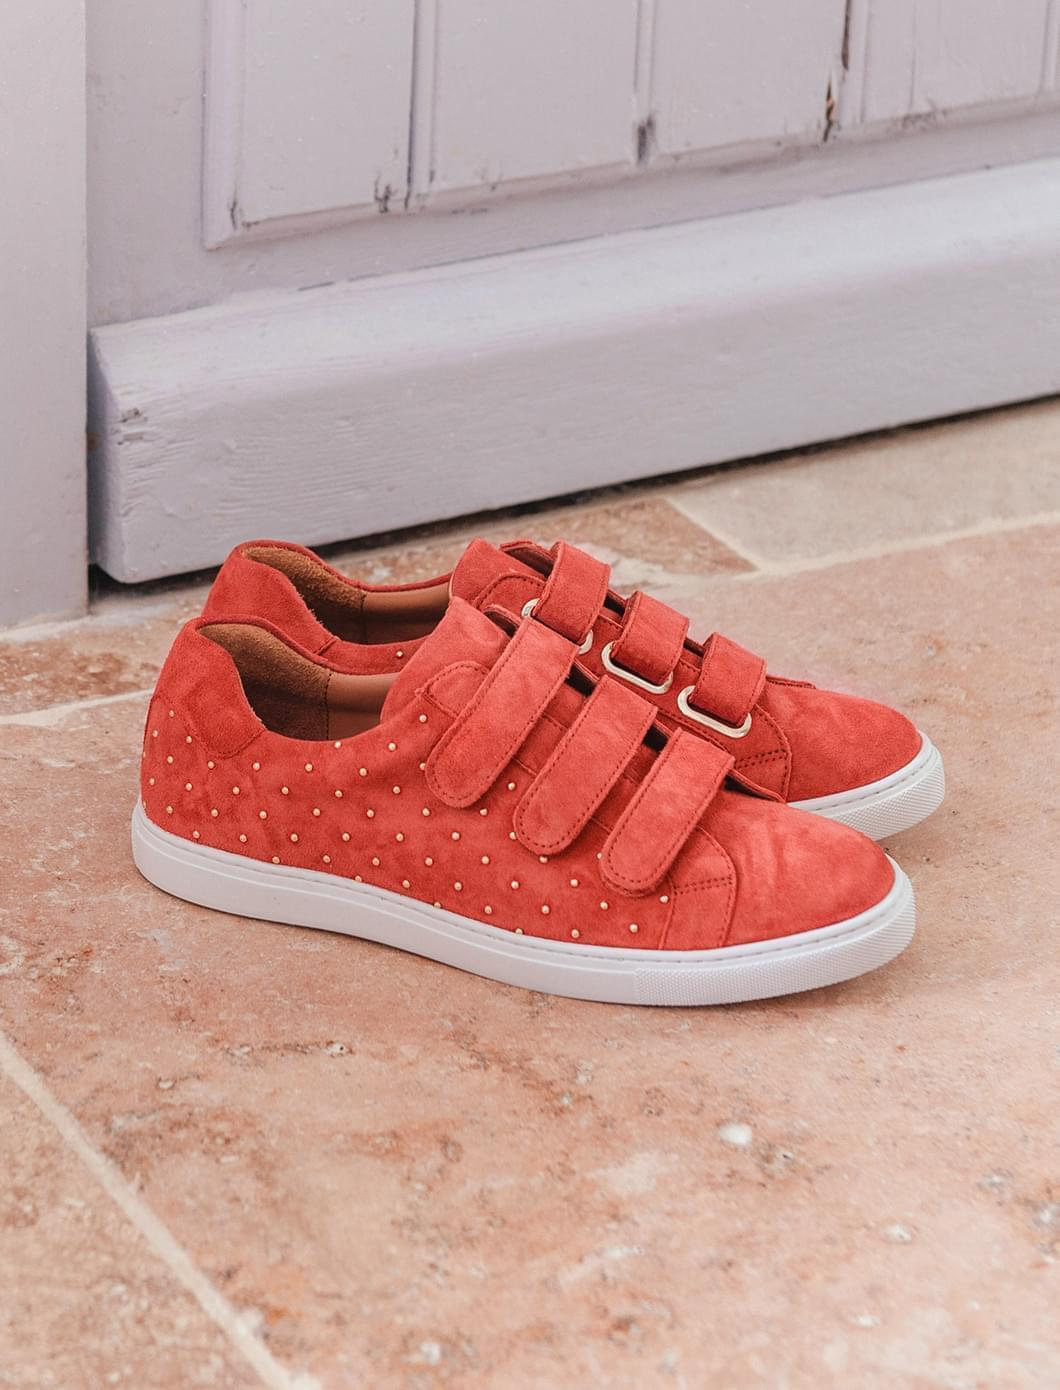 Sneakers - Brique et rivets dorés